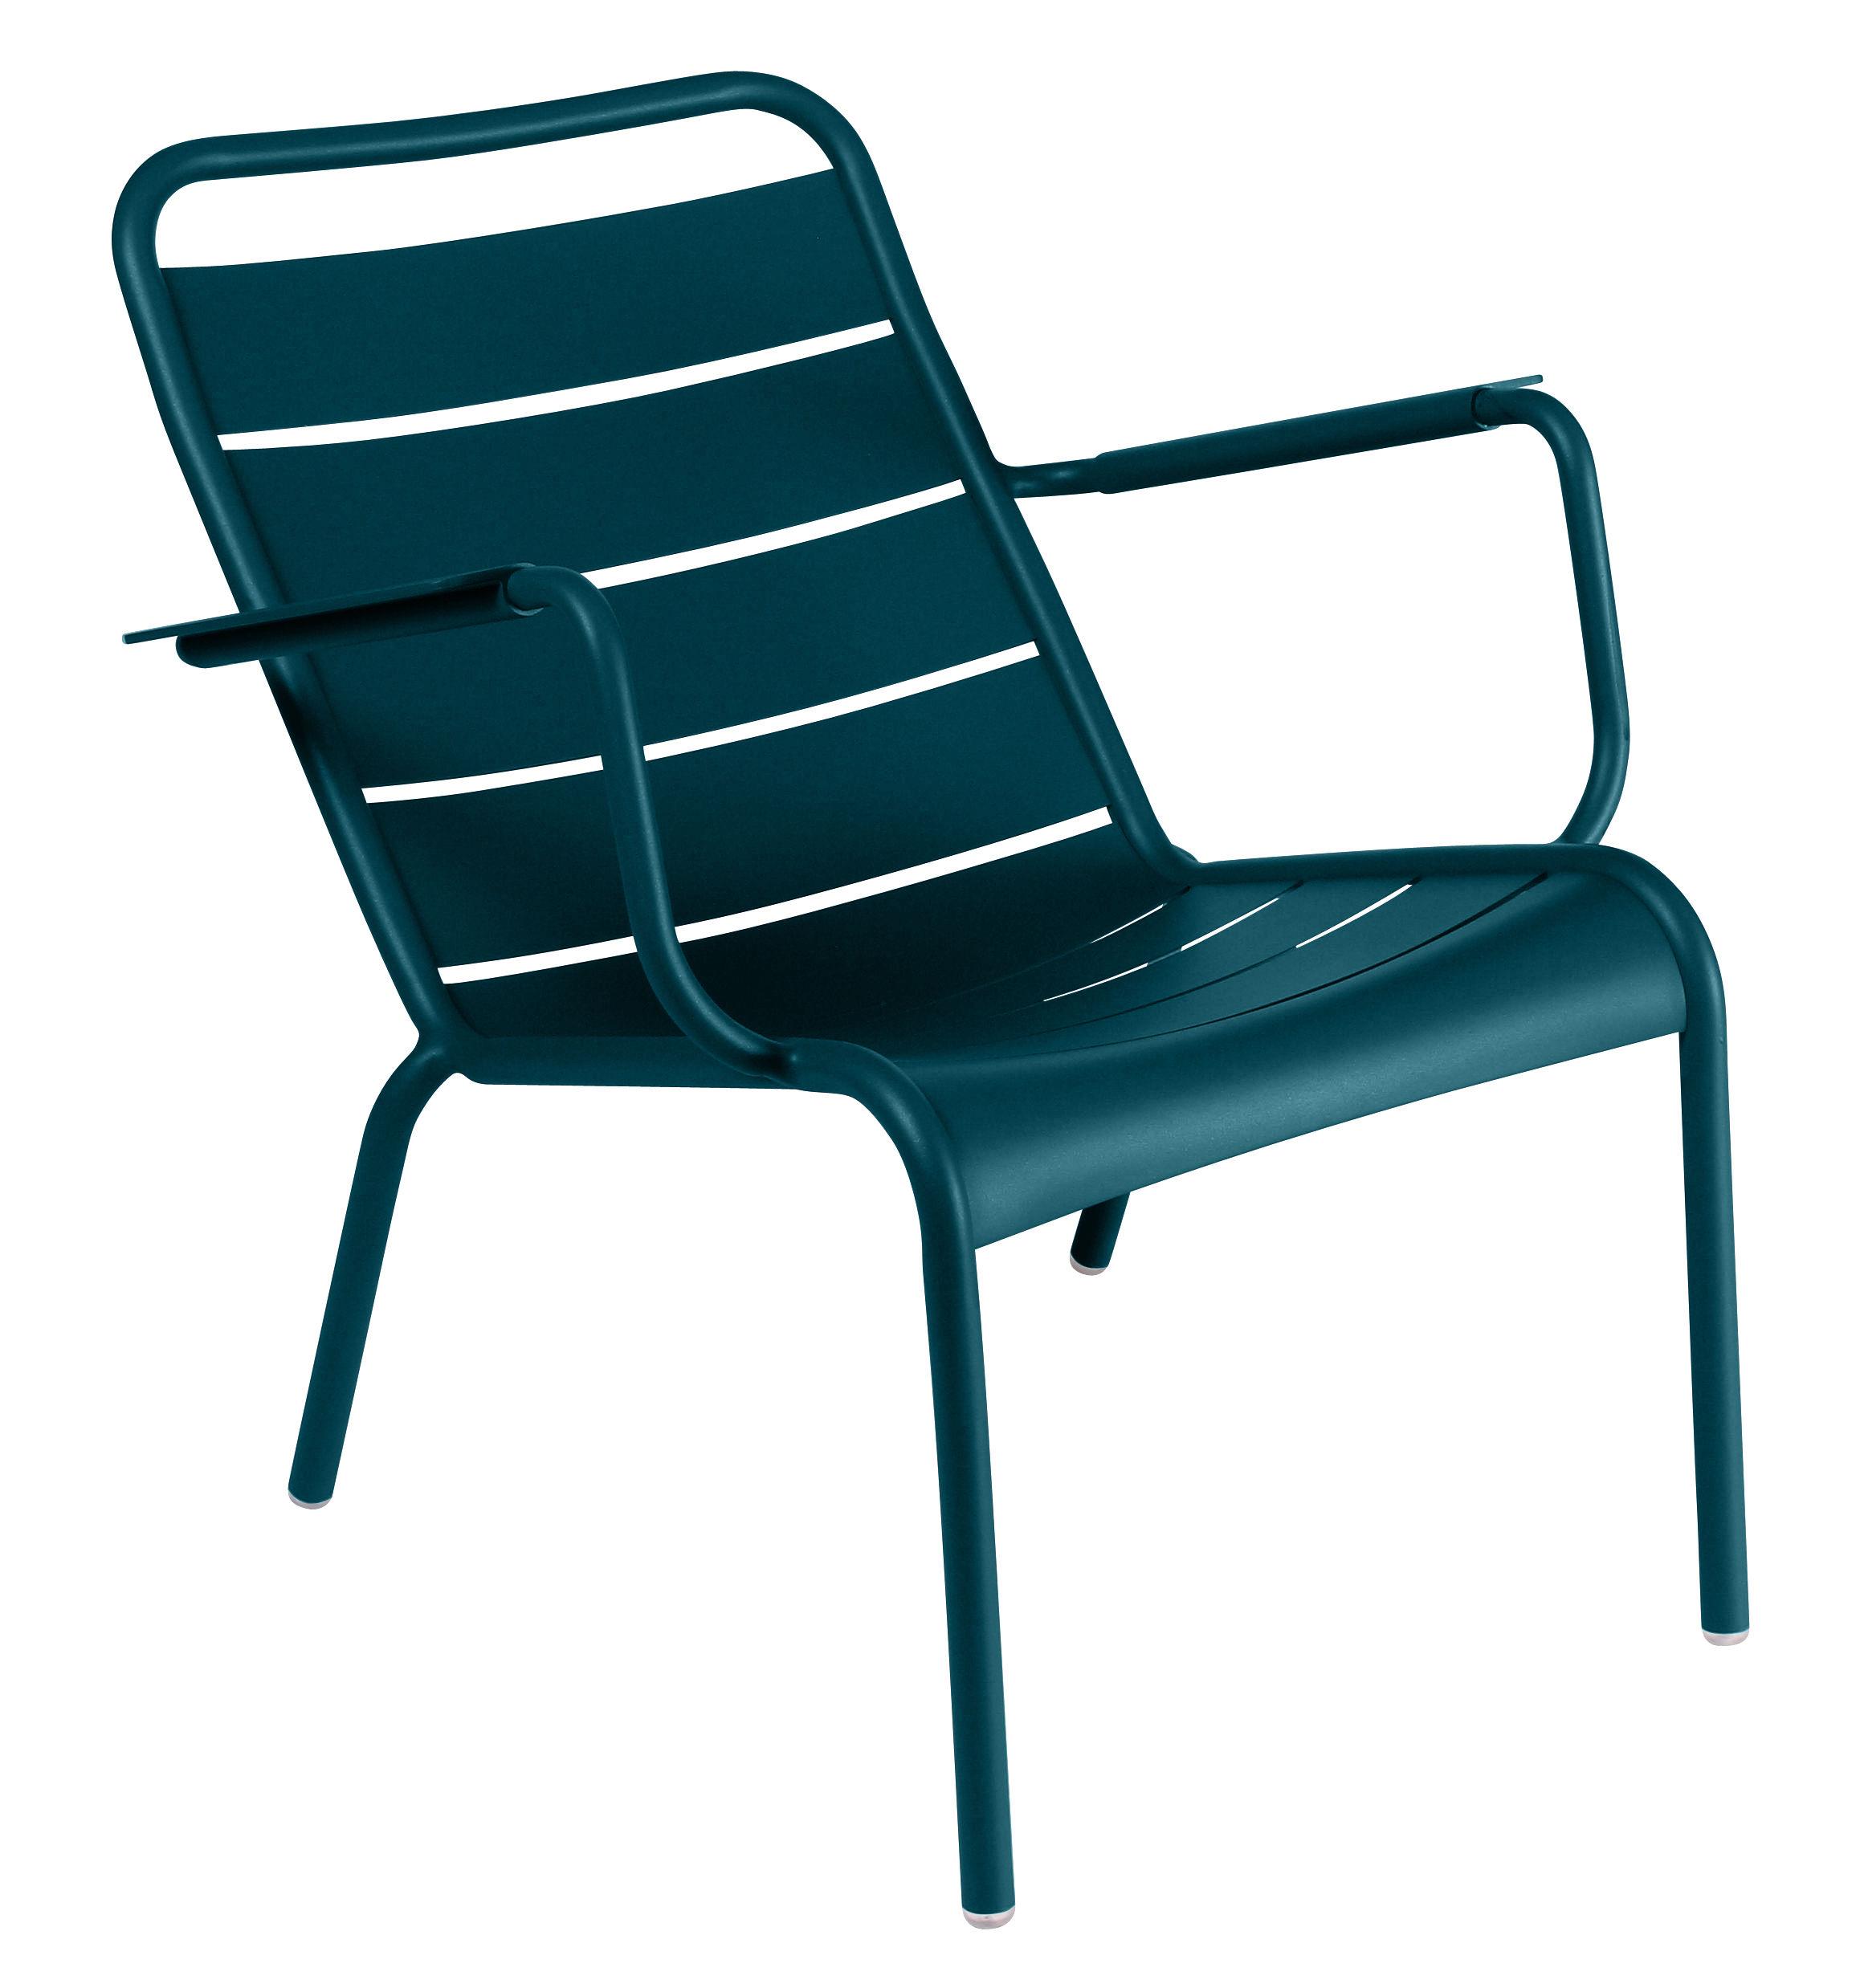 Arredamento - Poltrone design  - Poltrona bassa Luxembourg - / Alluminio di Fermob - Blu Acapulco - Alluminio laccato